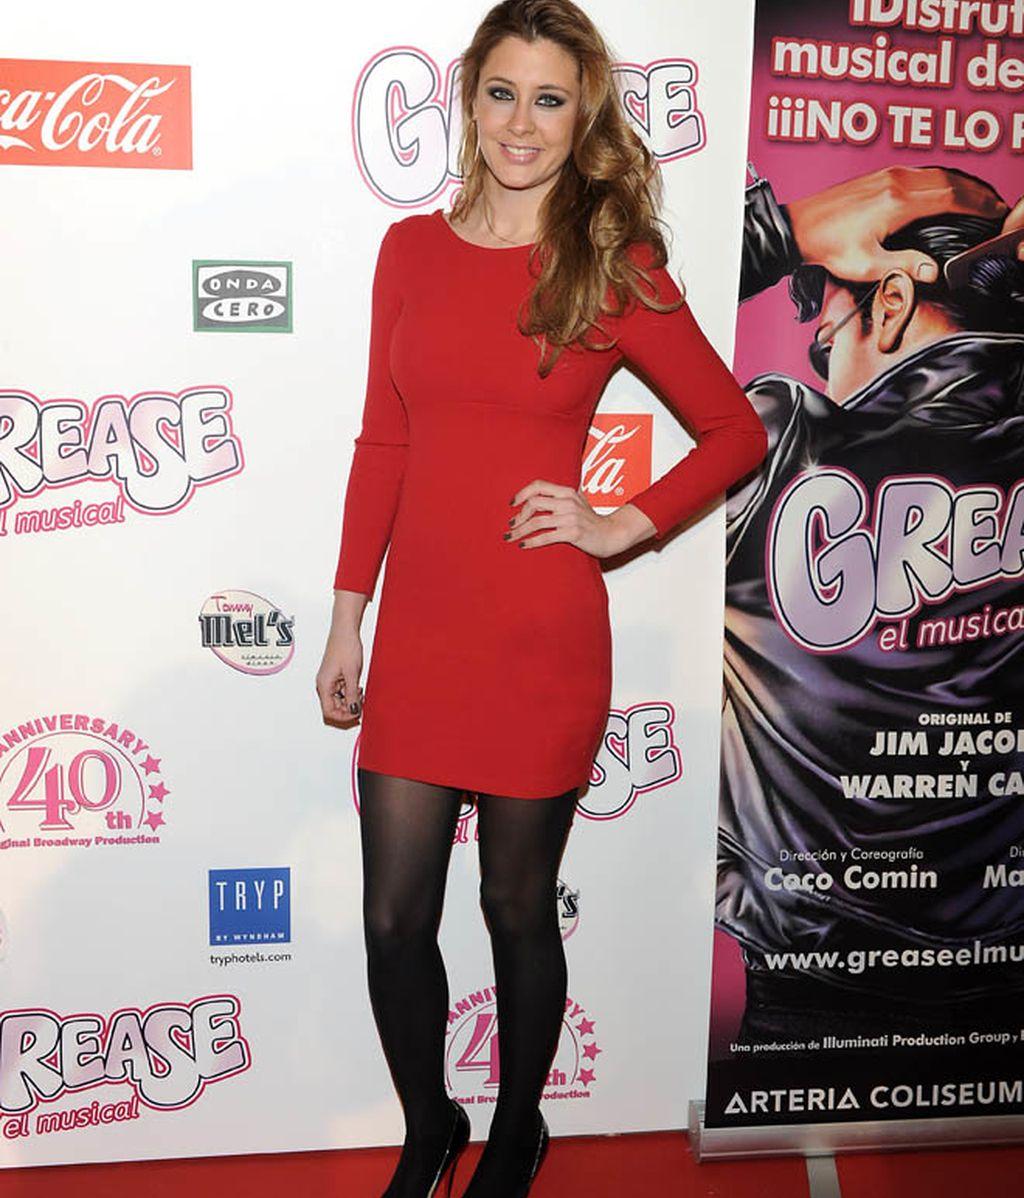 Edurne sin De Gea; Emma Ozores con look 'bajo a comprar pan' y Noelia López